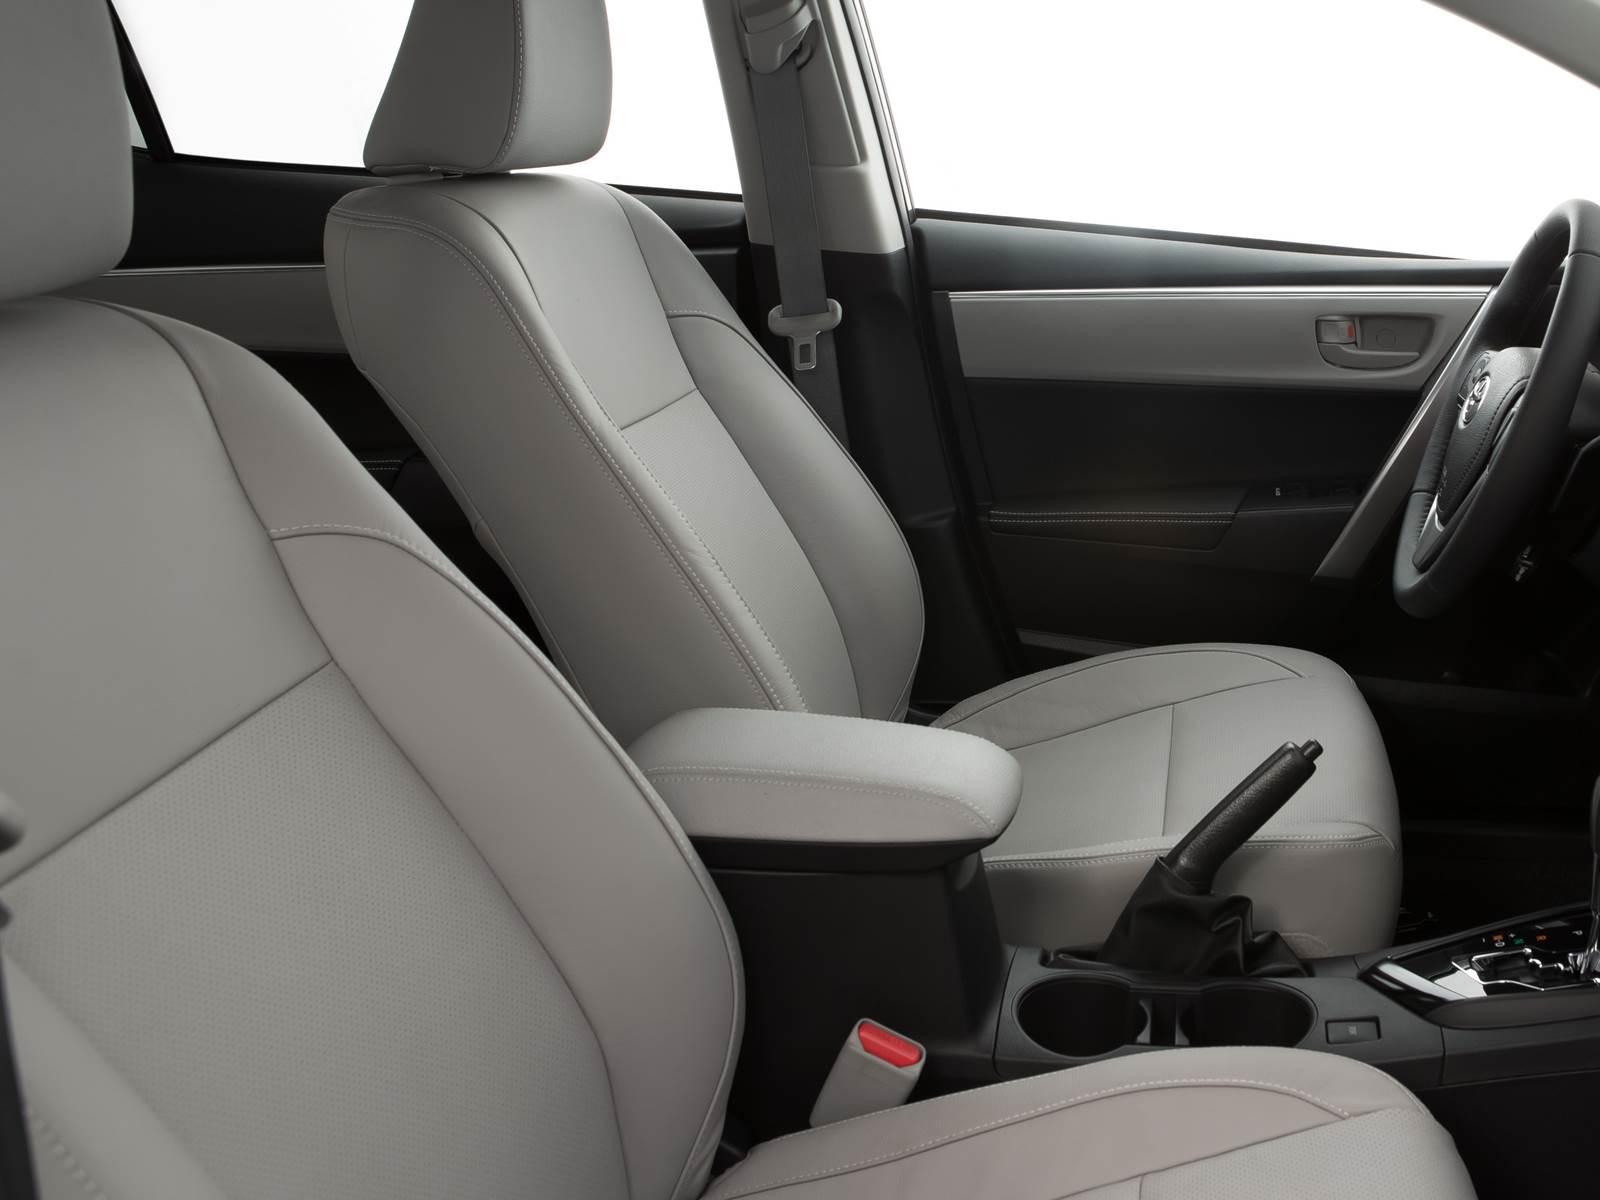 Novo Toyota Corolla GLi 2016 Upper - interior